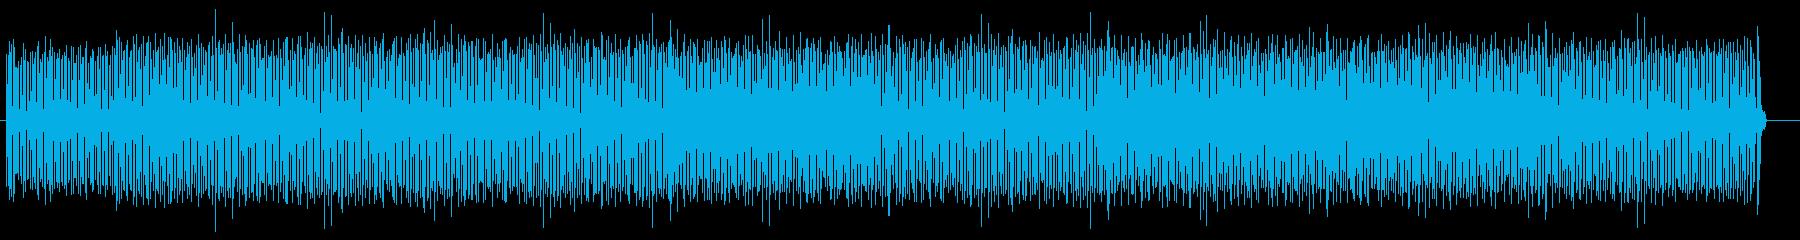 明るくおしゃれなシンセサイザーのポップスの再生済みの波形